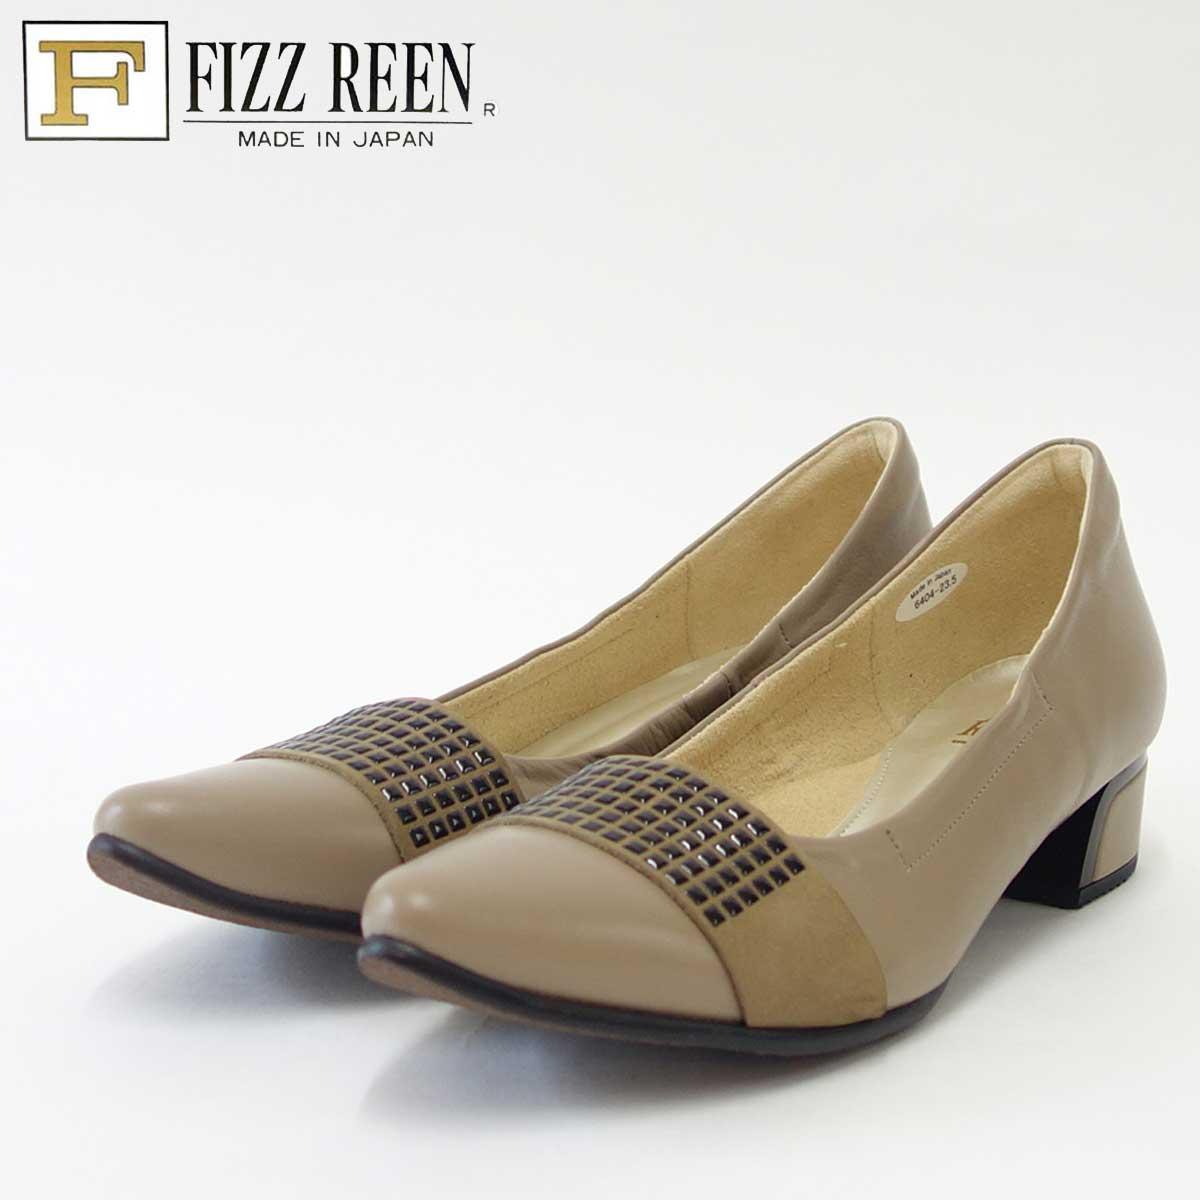 FIZZ REEN フィズリーン 6404 ベージュ(レディース)快適EEEのローヒールパンプス(日本製)「靴」